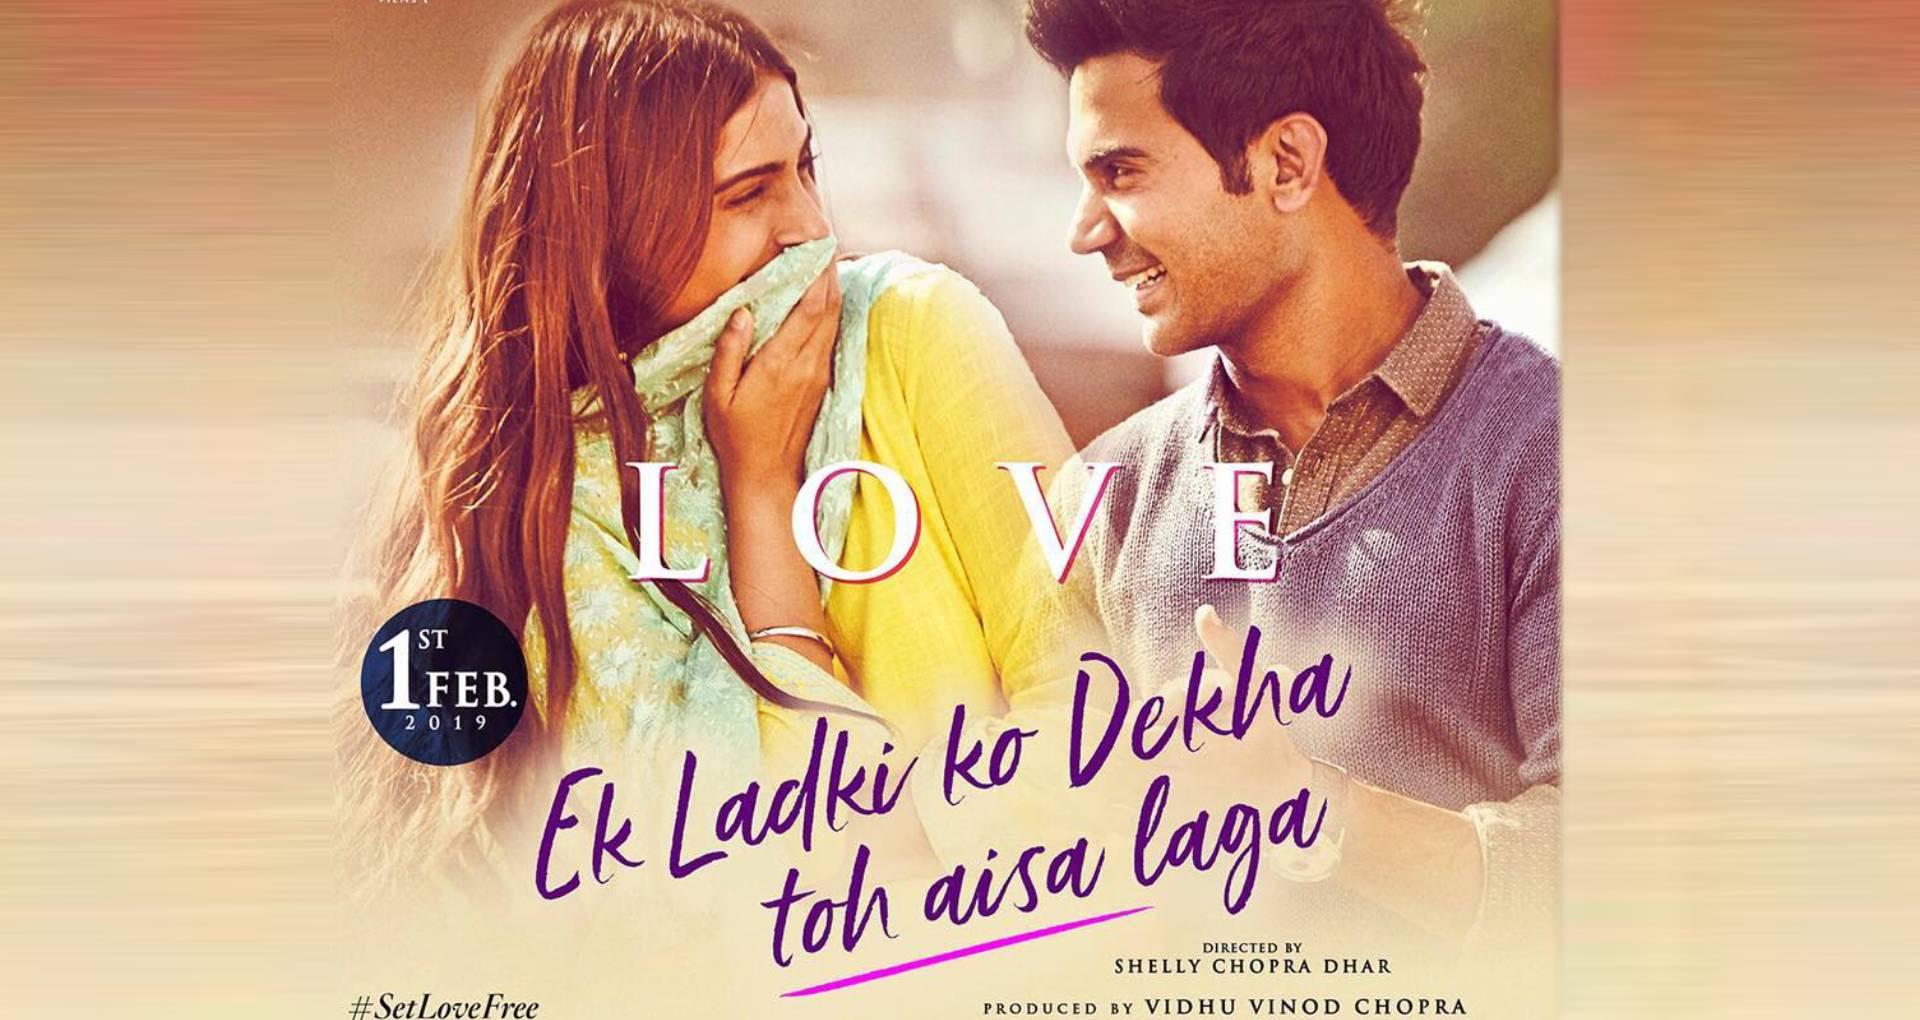 फिल्म रिव्यूः प्यार और परिवार की इमोशनल कहानी बयां करती है 'एक लड़की को देखा तो ऐसा लगा'